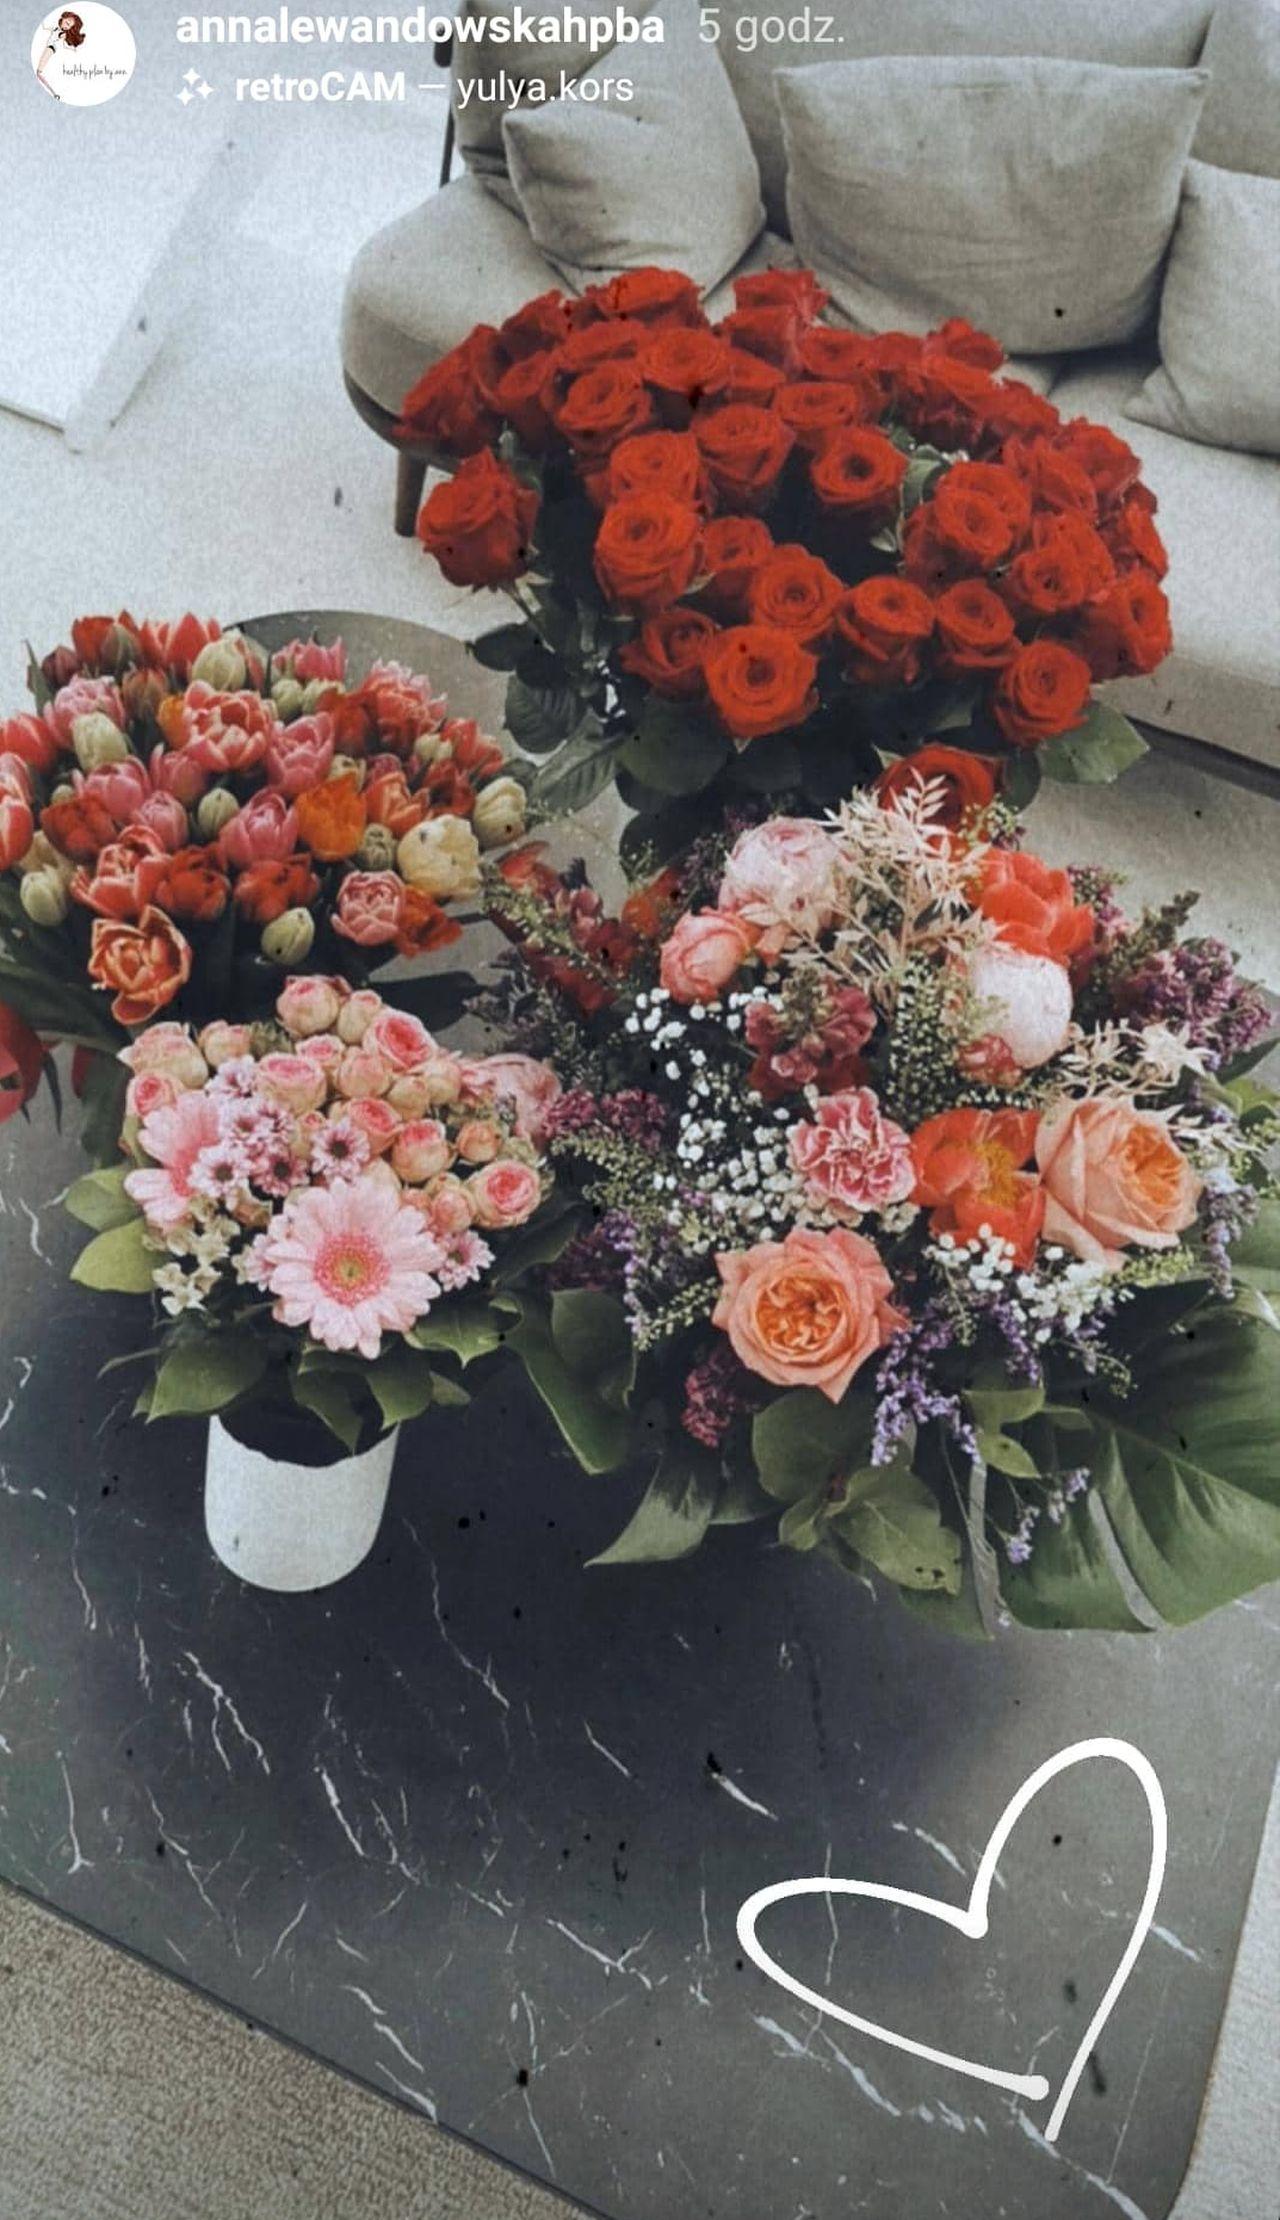 Bukiety kwiatów Anny Lewandowskiej